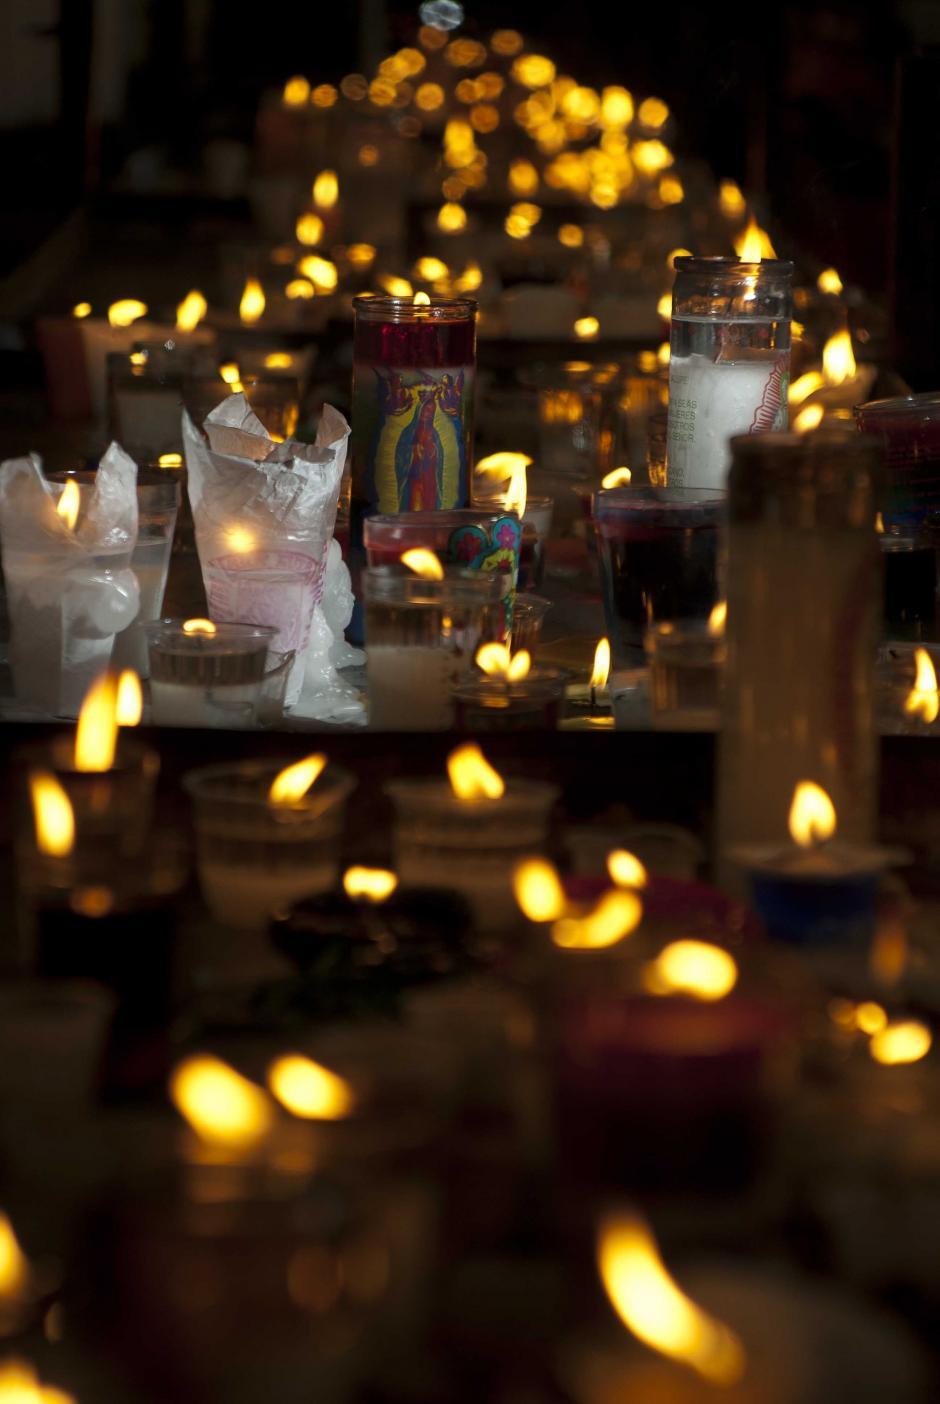 Velas que son ofrecida por los creyentes y que representan la fe en la Virgen de Guadalupe. (Foto: Jesús Alfonso/Soy502)